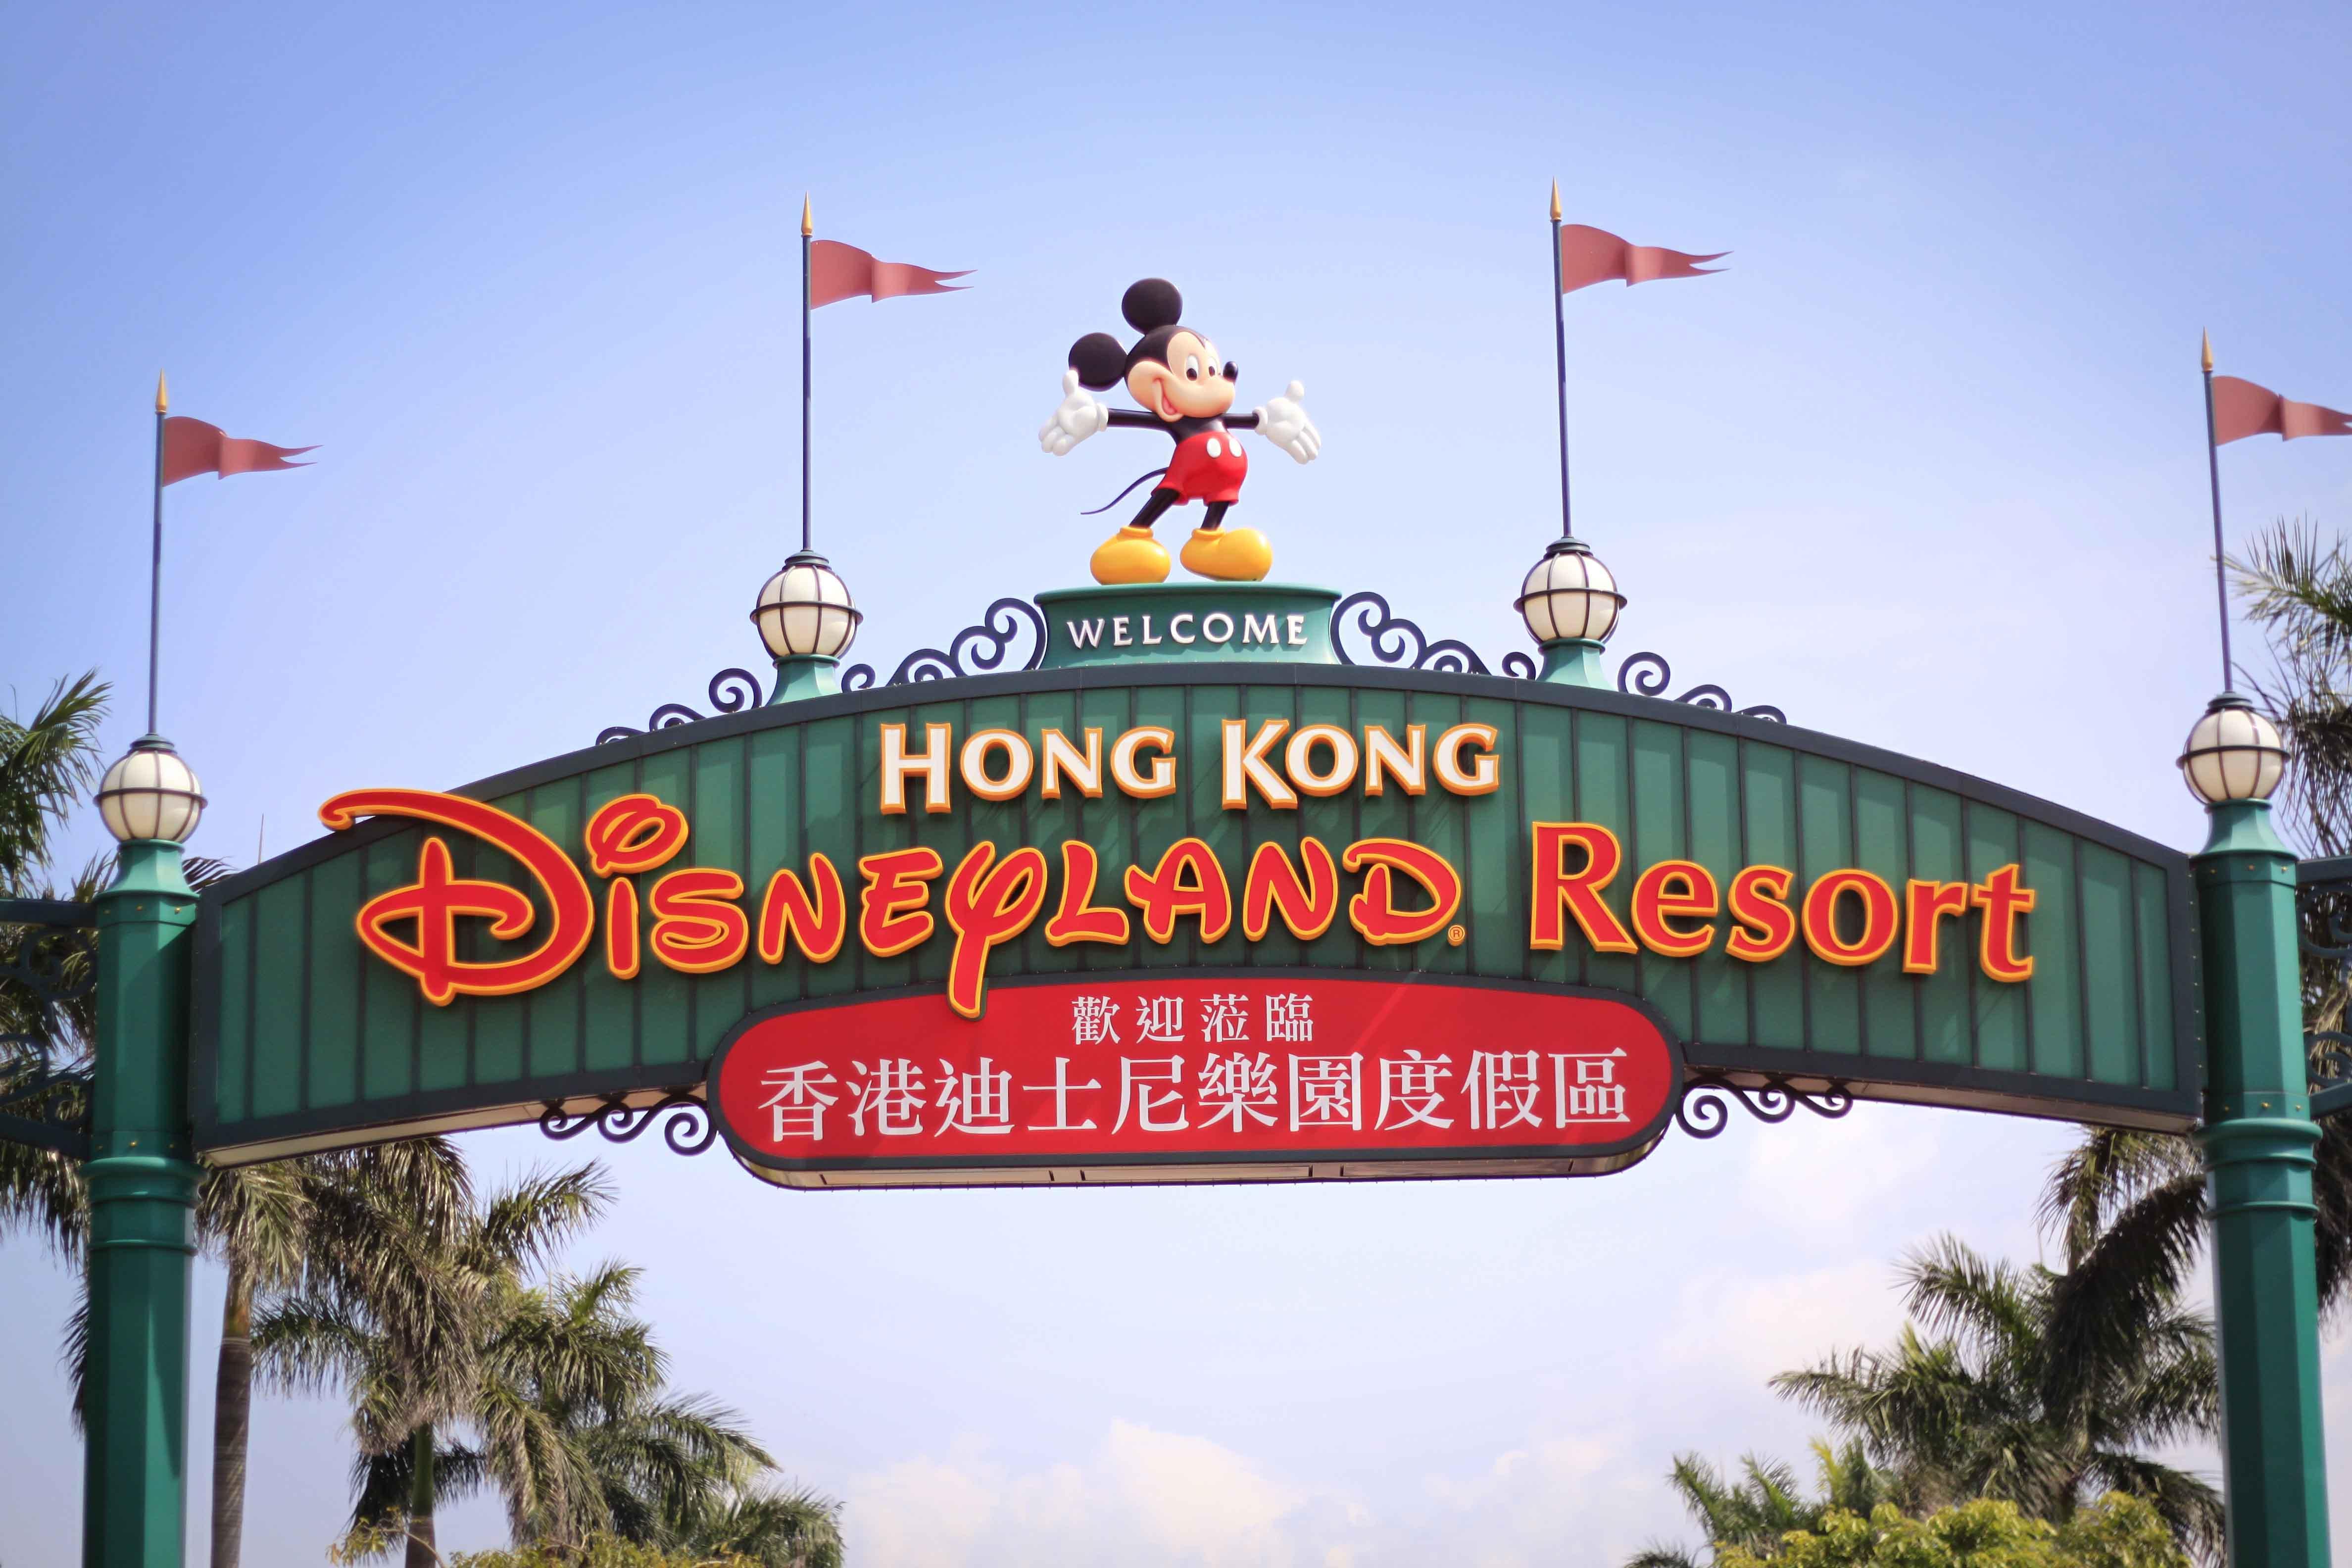 あなどっていると後悔するよ?楽しすぎる香港ディズニーランド徹底ガイド